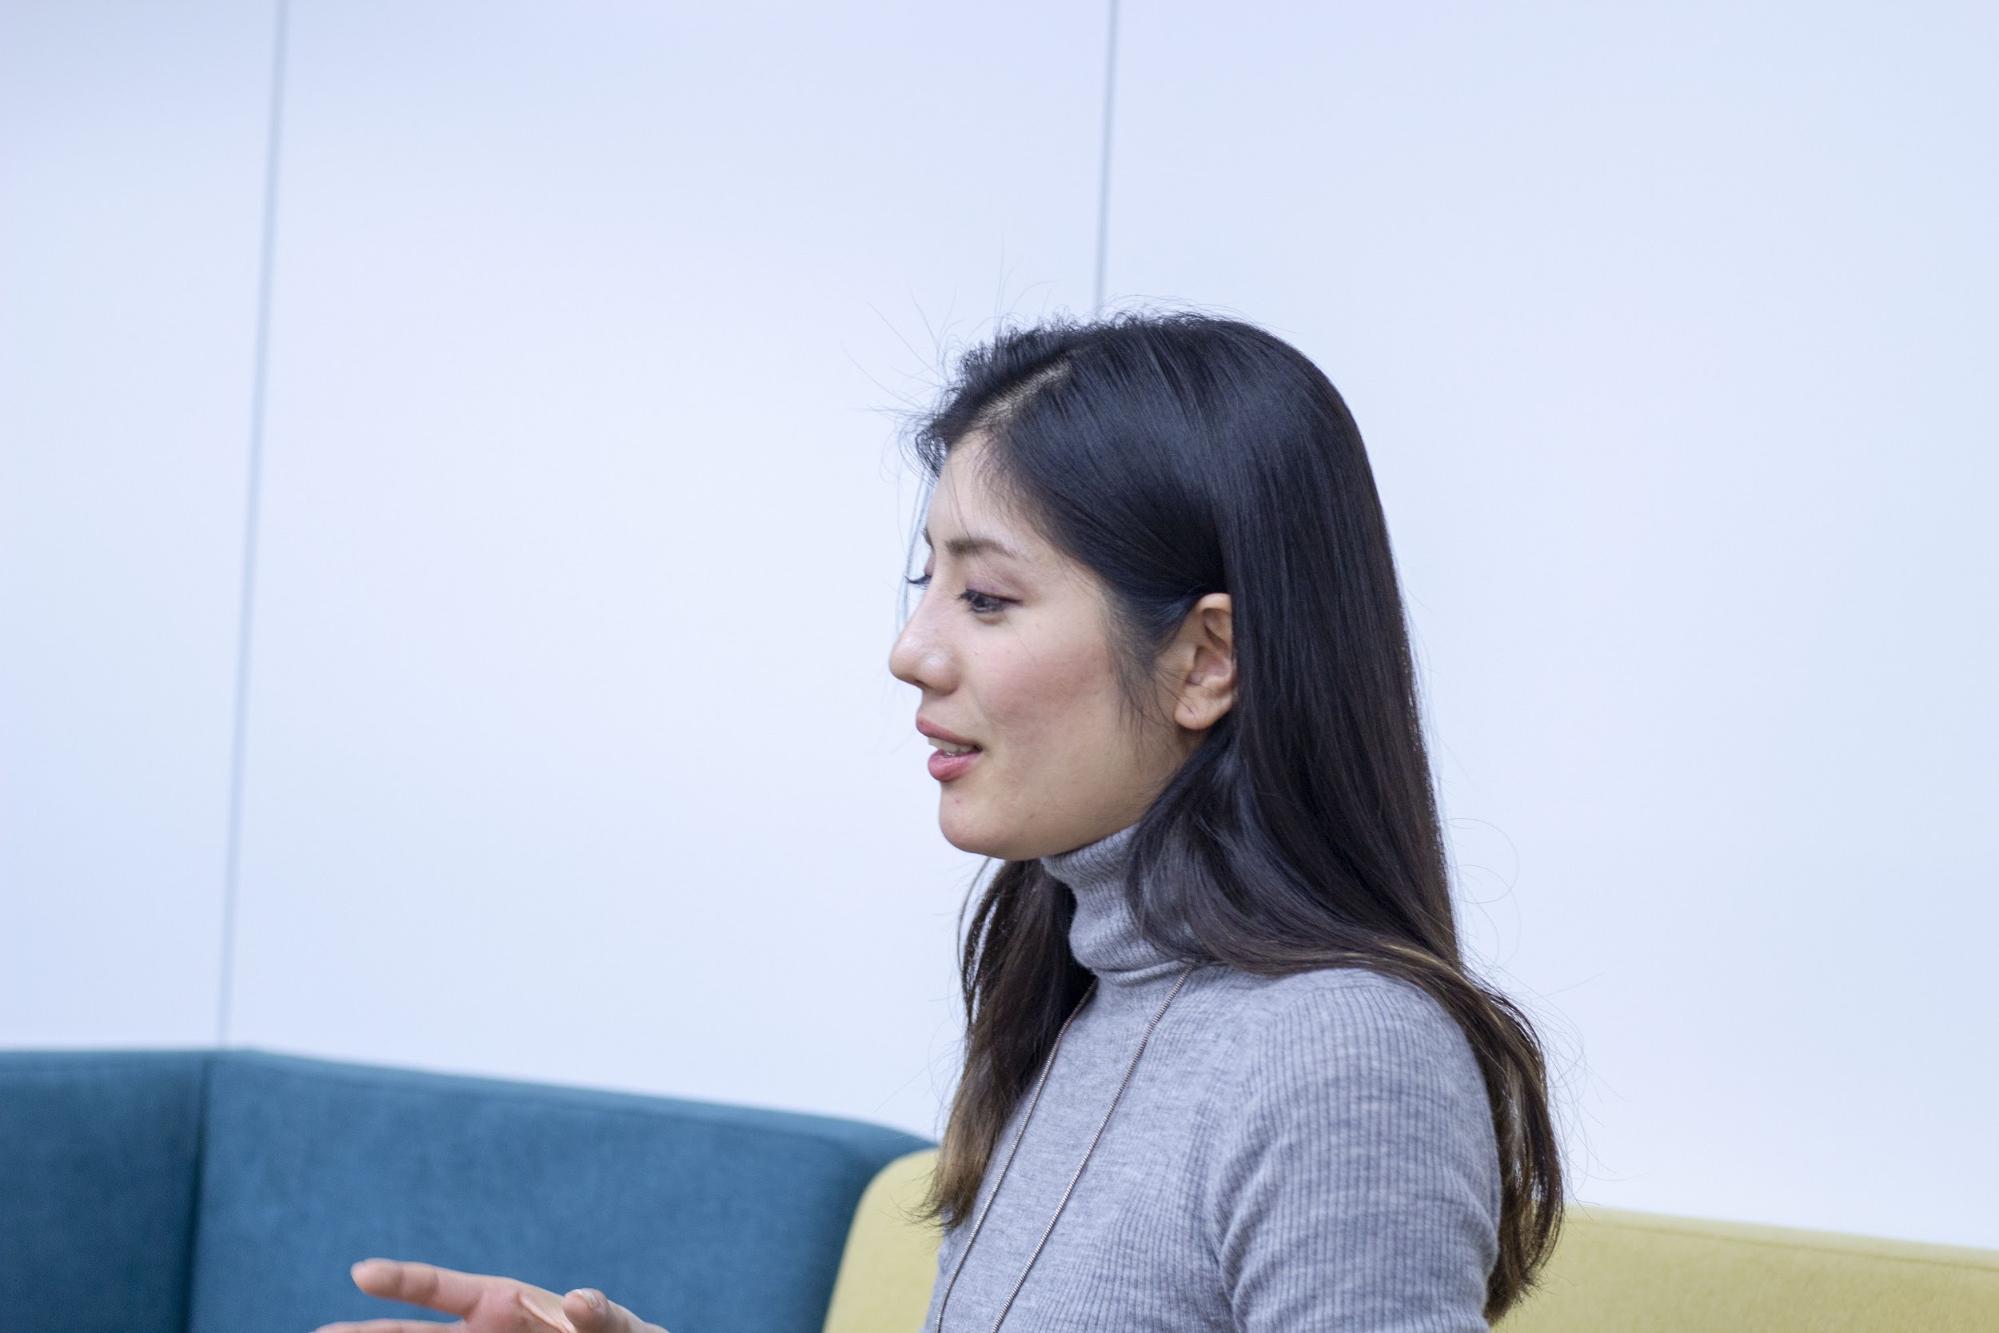 広報PRには「営業・経営者・編集者」3つの顔が求められる——柴田菜々子 #私の職業哲学